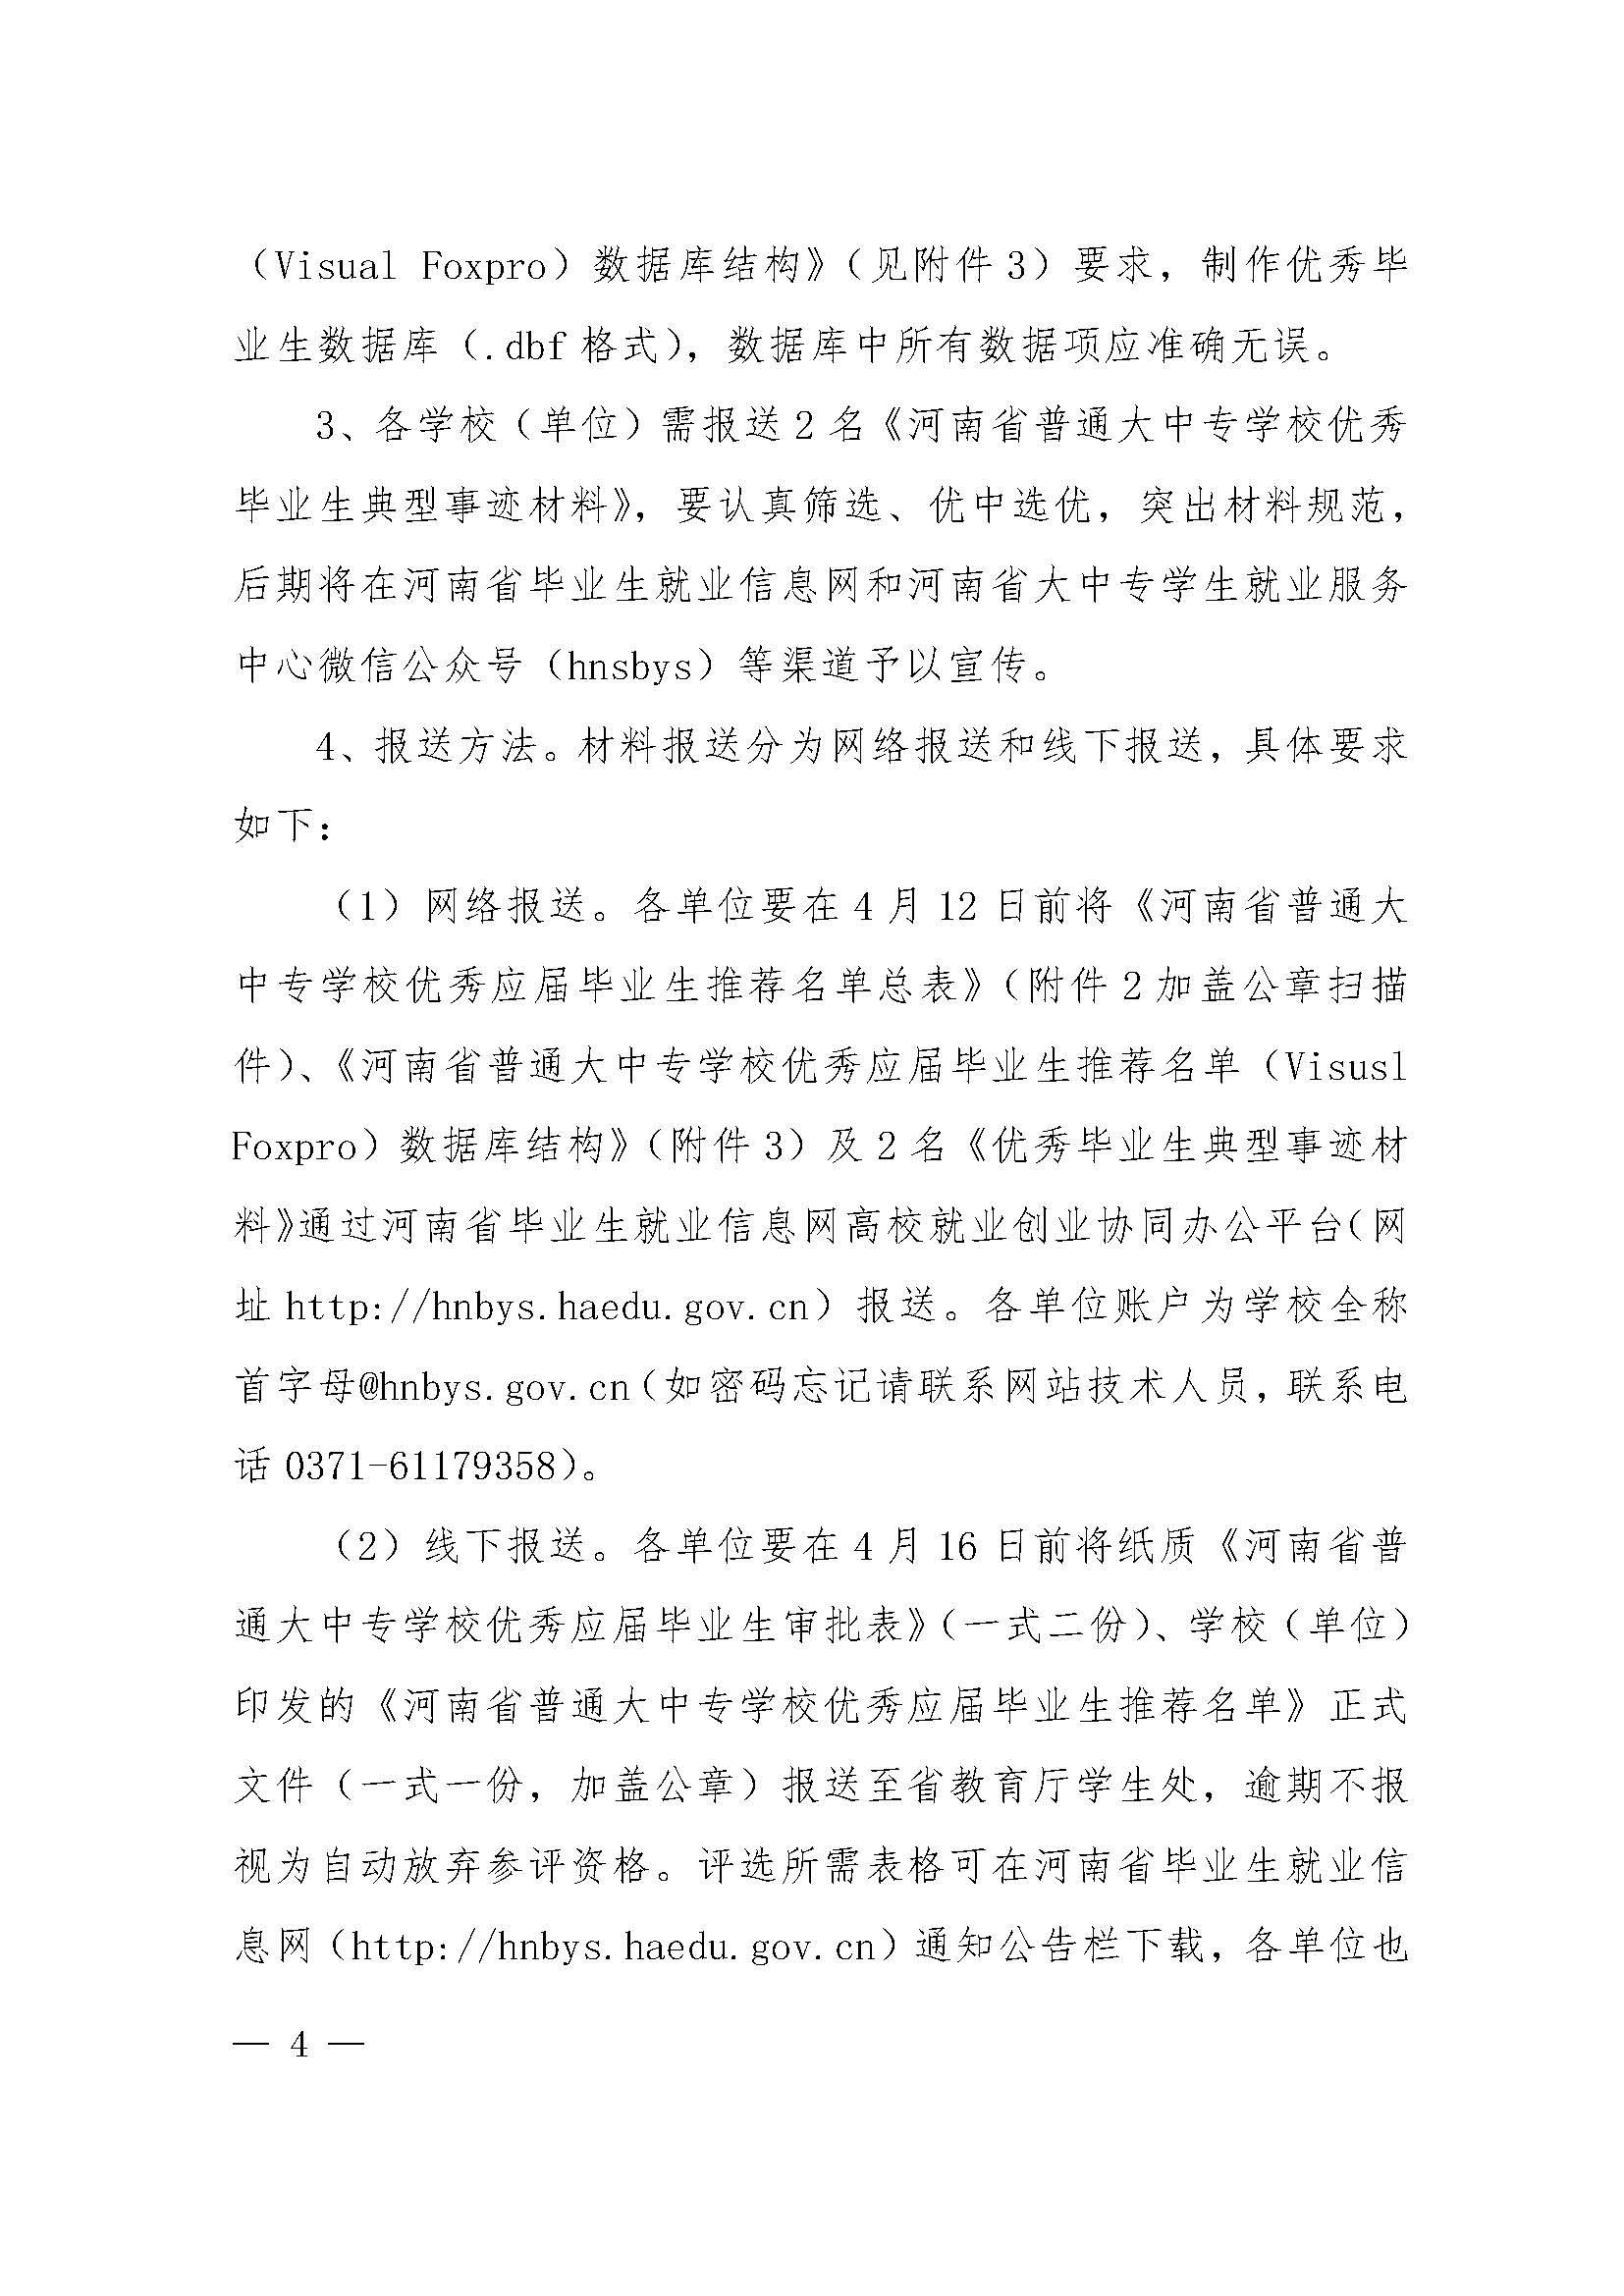 河南省教育厅办公室关于评选河南省普通大中专学校2021年优秀应届毕业生的通知_页面_04.jpg